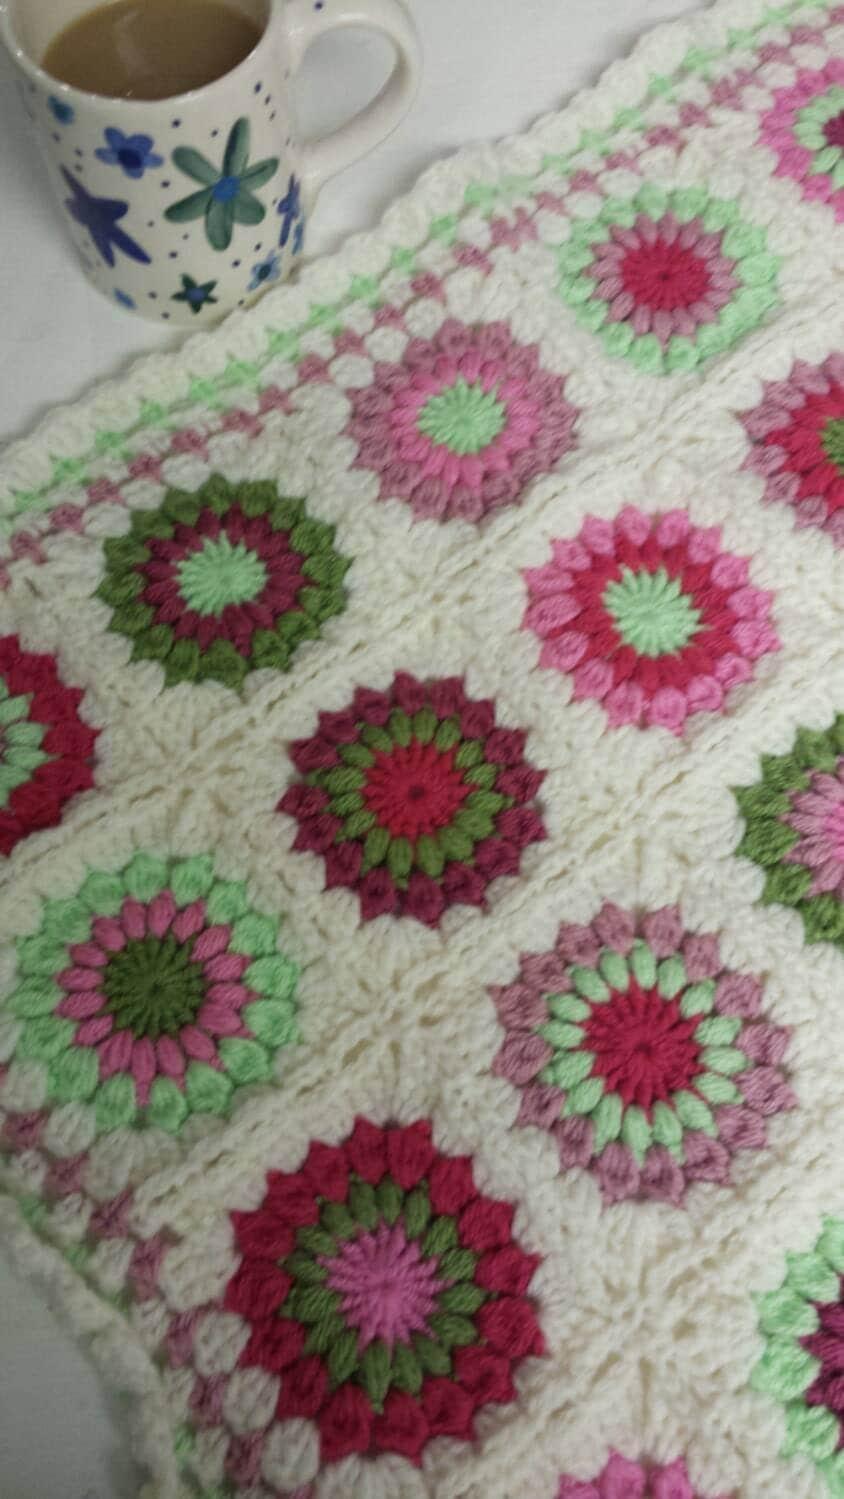 Starburst Flower Crochet Blanket Pattern : Garden Flowers starburst granny square crochet pram